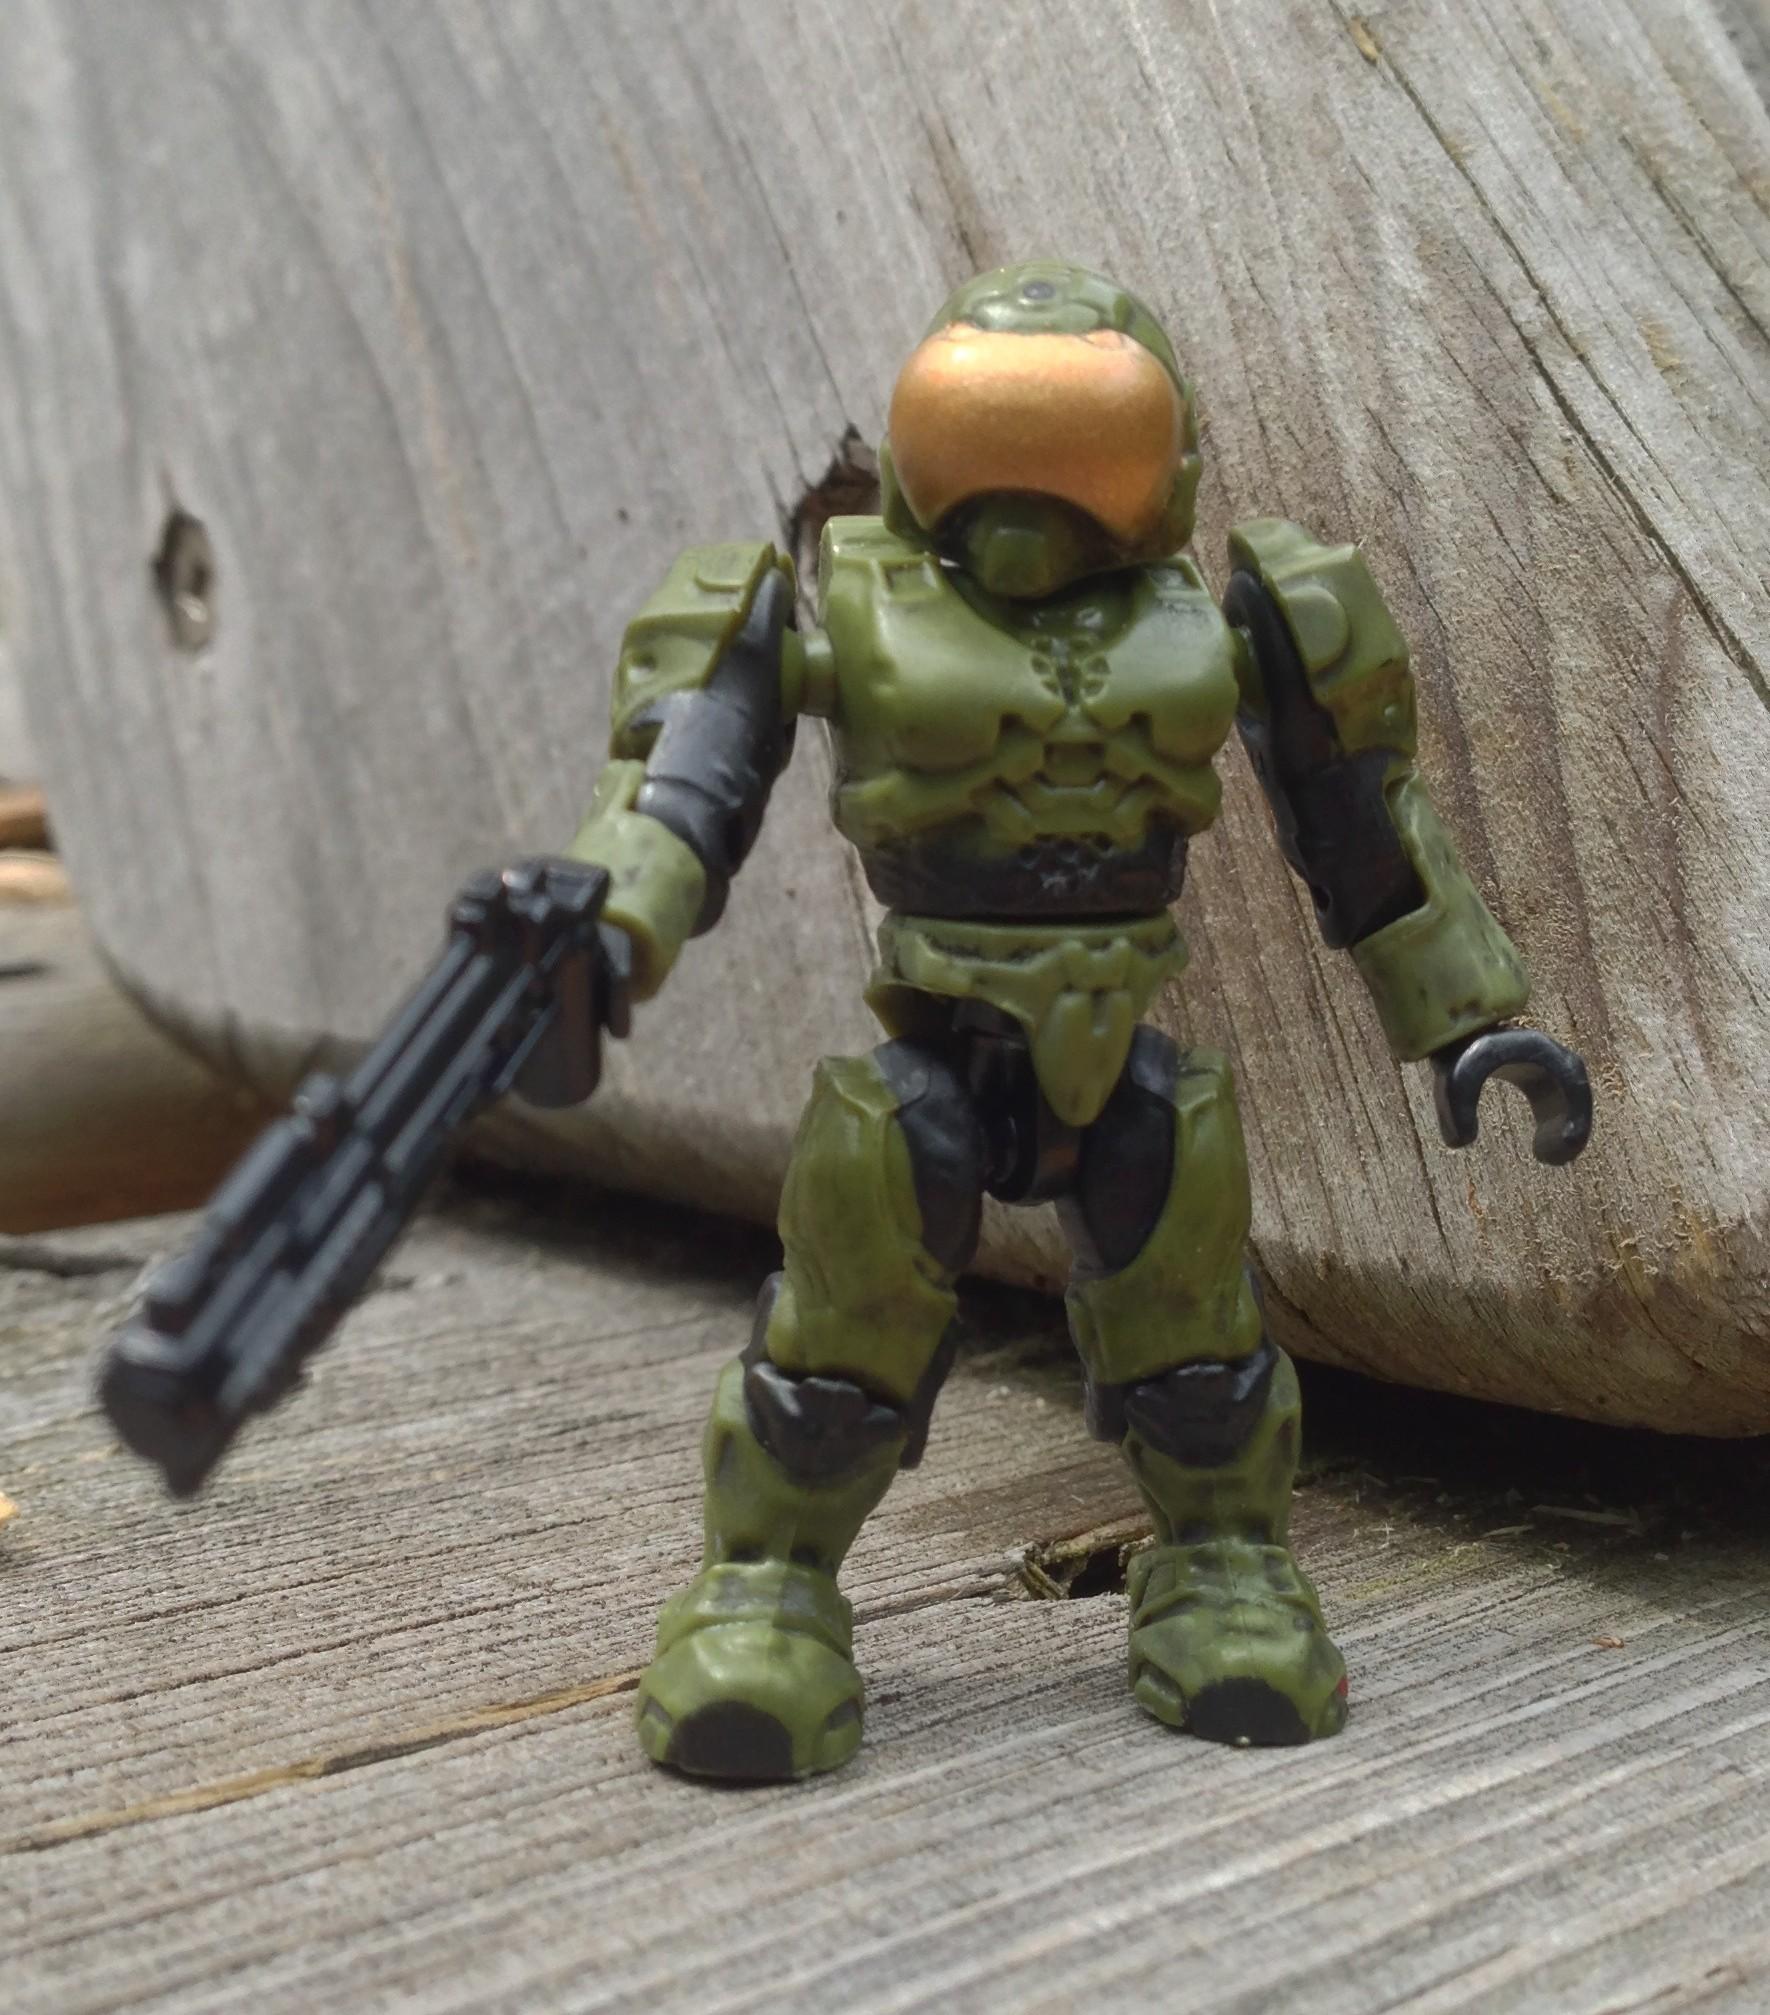 Halo Mega Bloks Brute Battle Unit 97085 Review w/ Spartan